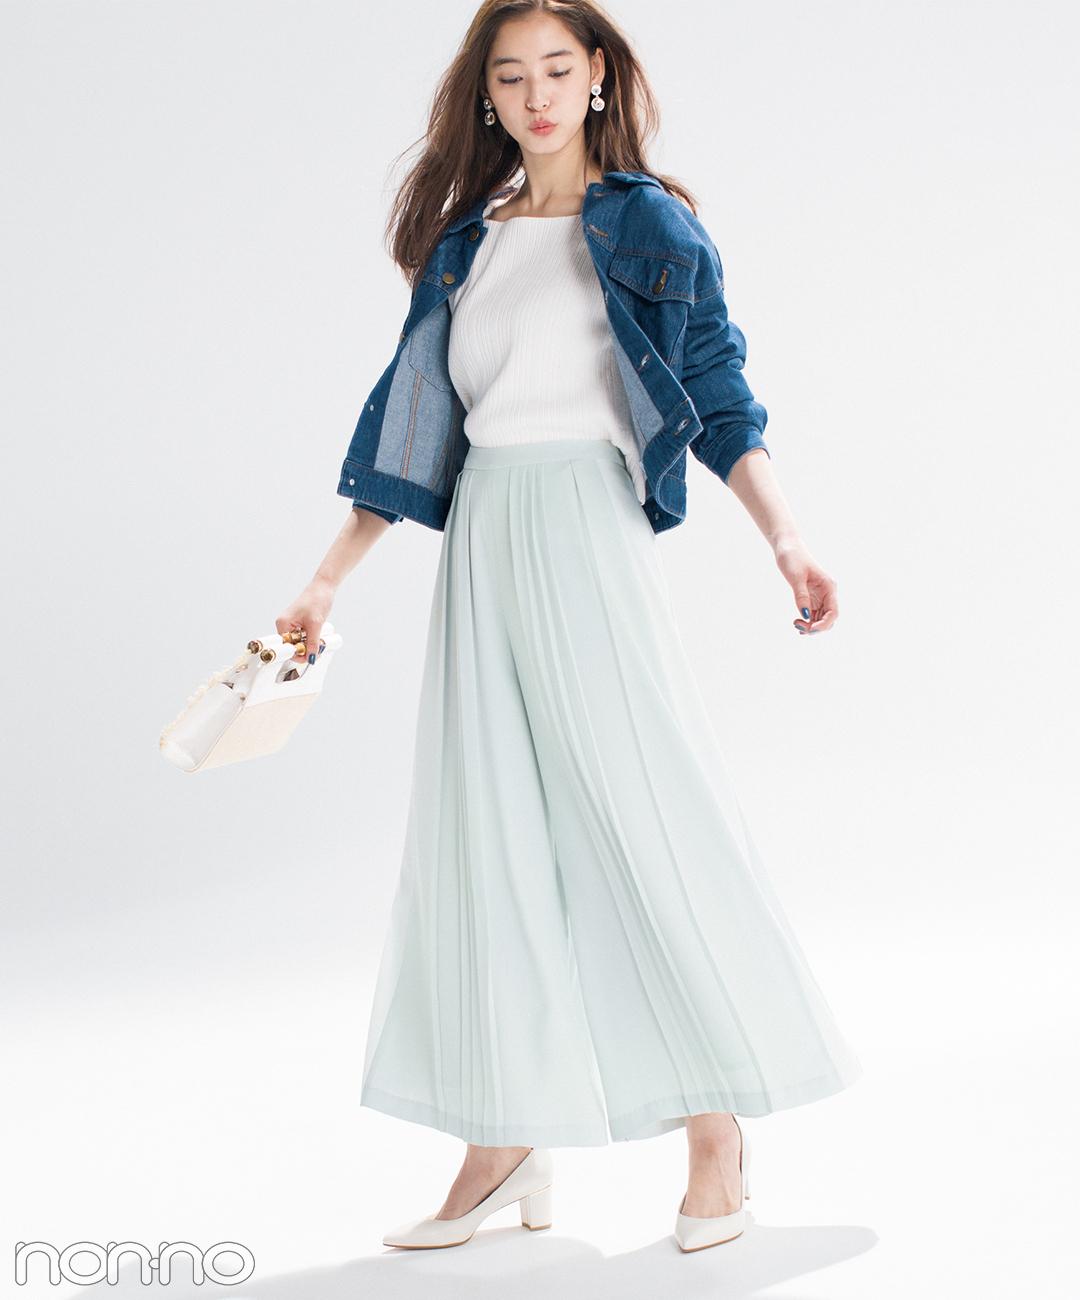 優子・七瀬・まなみんが着る! 女子が永遠好きな配色★パステル×デニム2018春の4選_1_3-3